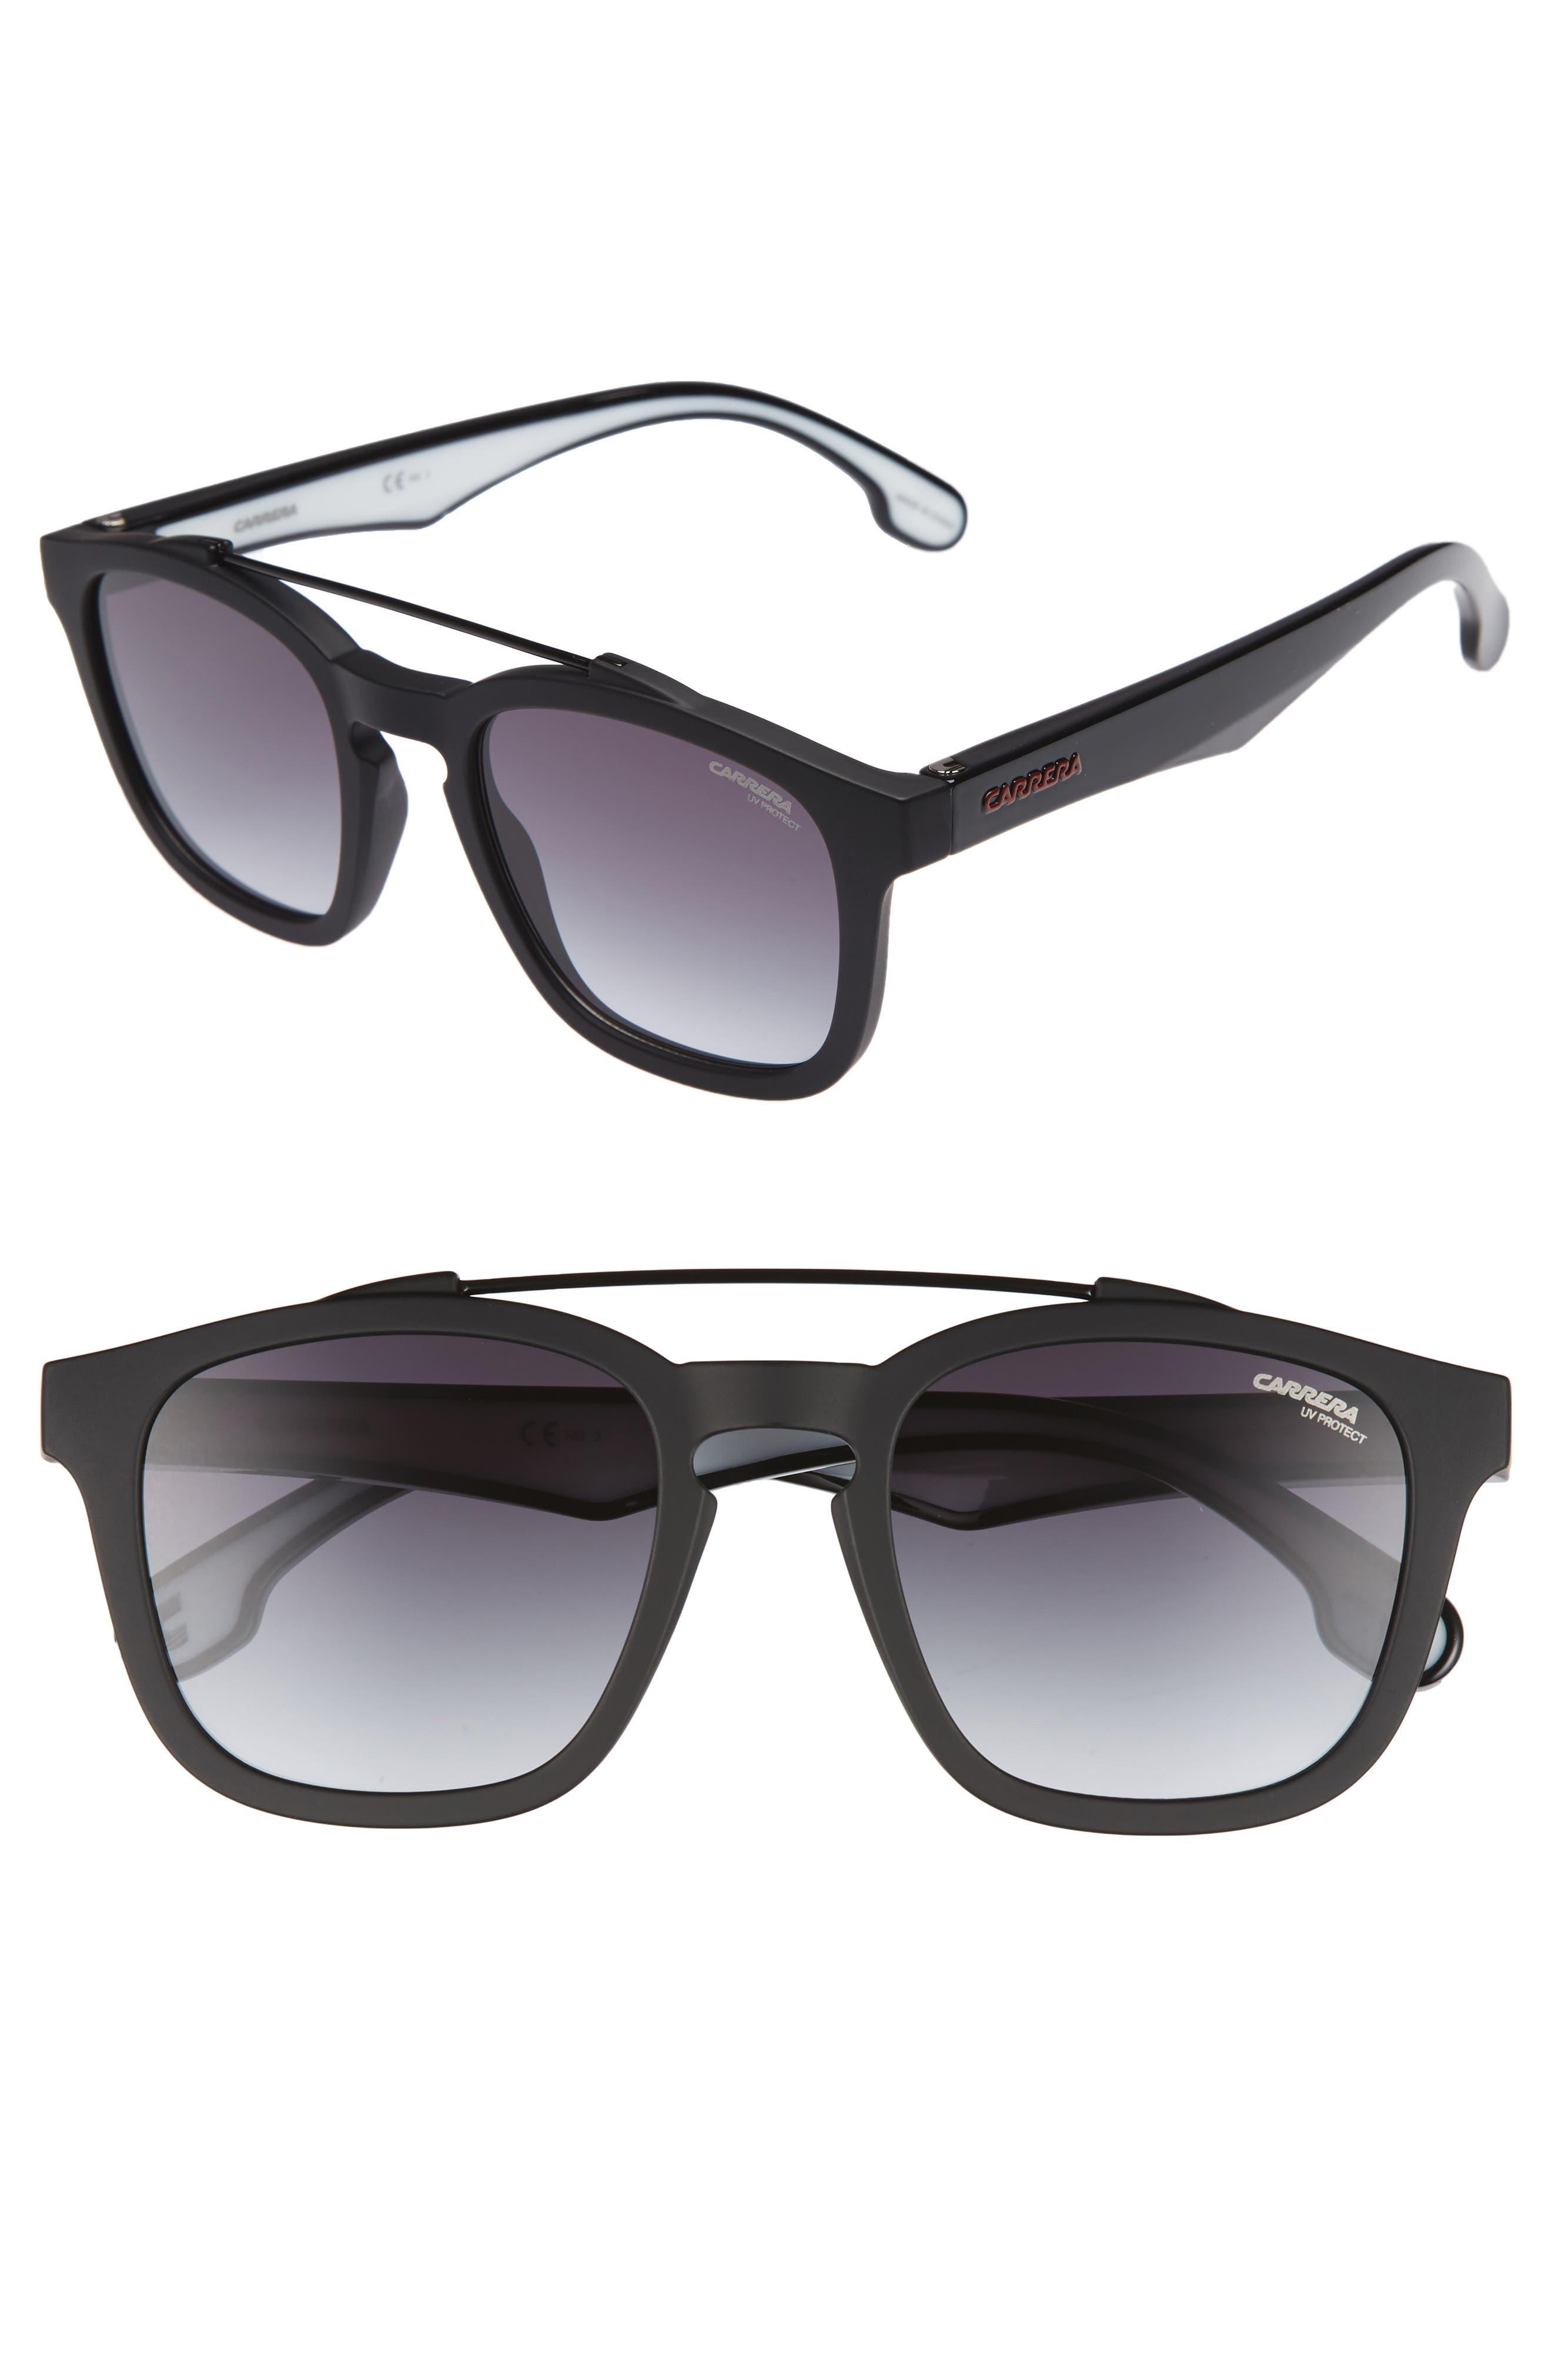 1011S Sunglasses,                         Main,                         color, Matte Black/ Drk Gray Gradient